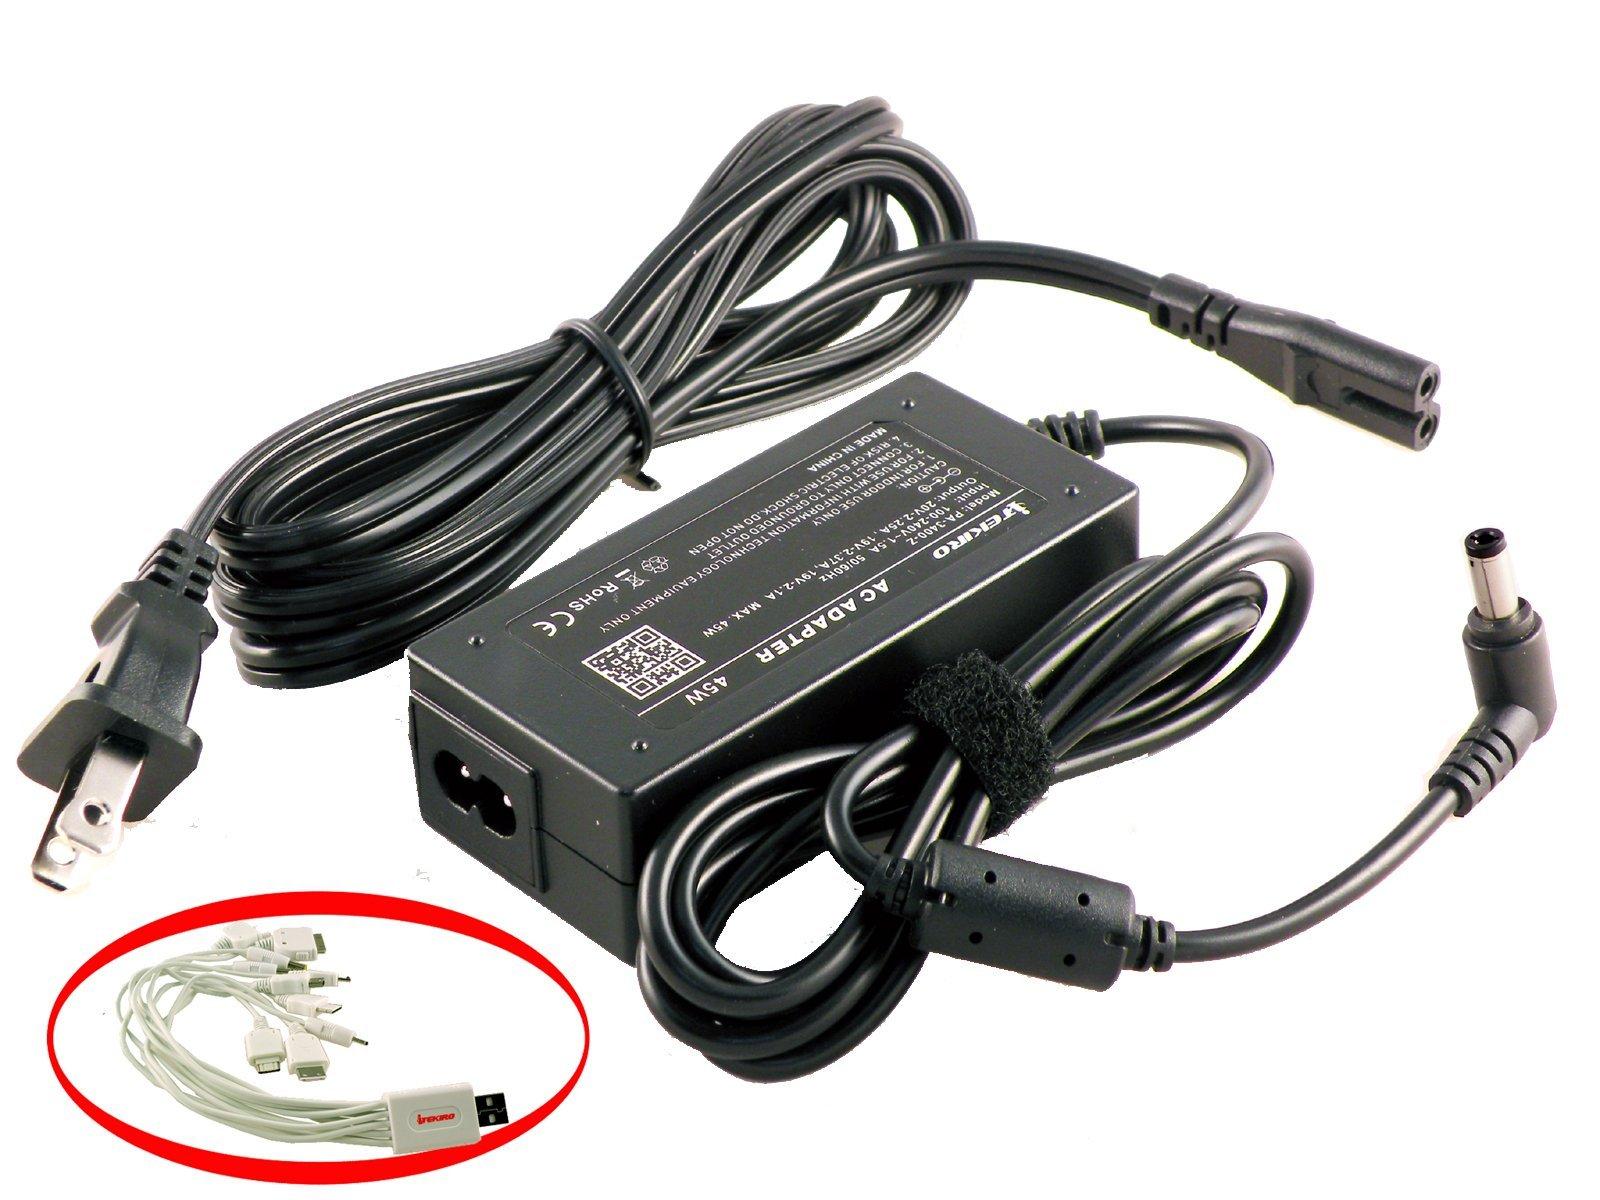 iTEKIRO AC Adapter for Toshiba CL15-B1300 L15W-B1302 L15W-B1310 L15W-B1320 P50-AST3NX1 P50W-BST2N01 P50W-BST2N23 P55 P55-A5200 P55-A5312 P55t P55t-A5116 P55t-A5118 P55t-A5202 P55W-B5112 P55W-B5220 P55W-B5224 P55W-B5318 P840 P840-ST2N01 P840T P840T-ST3N01